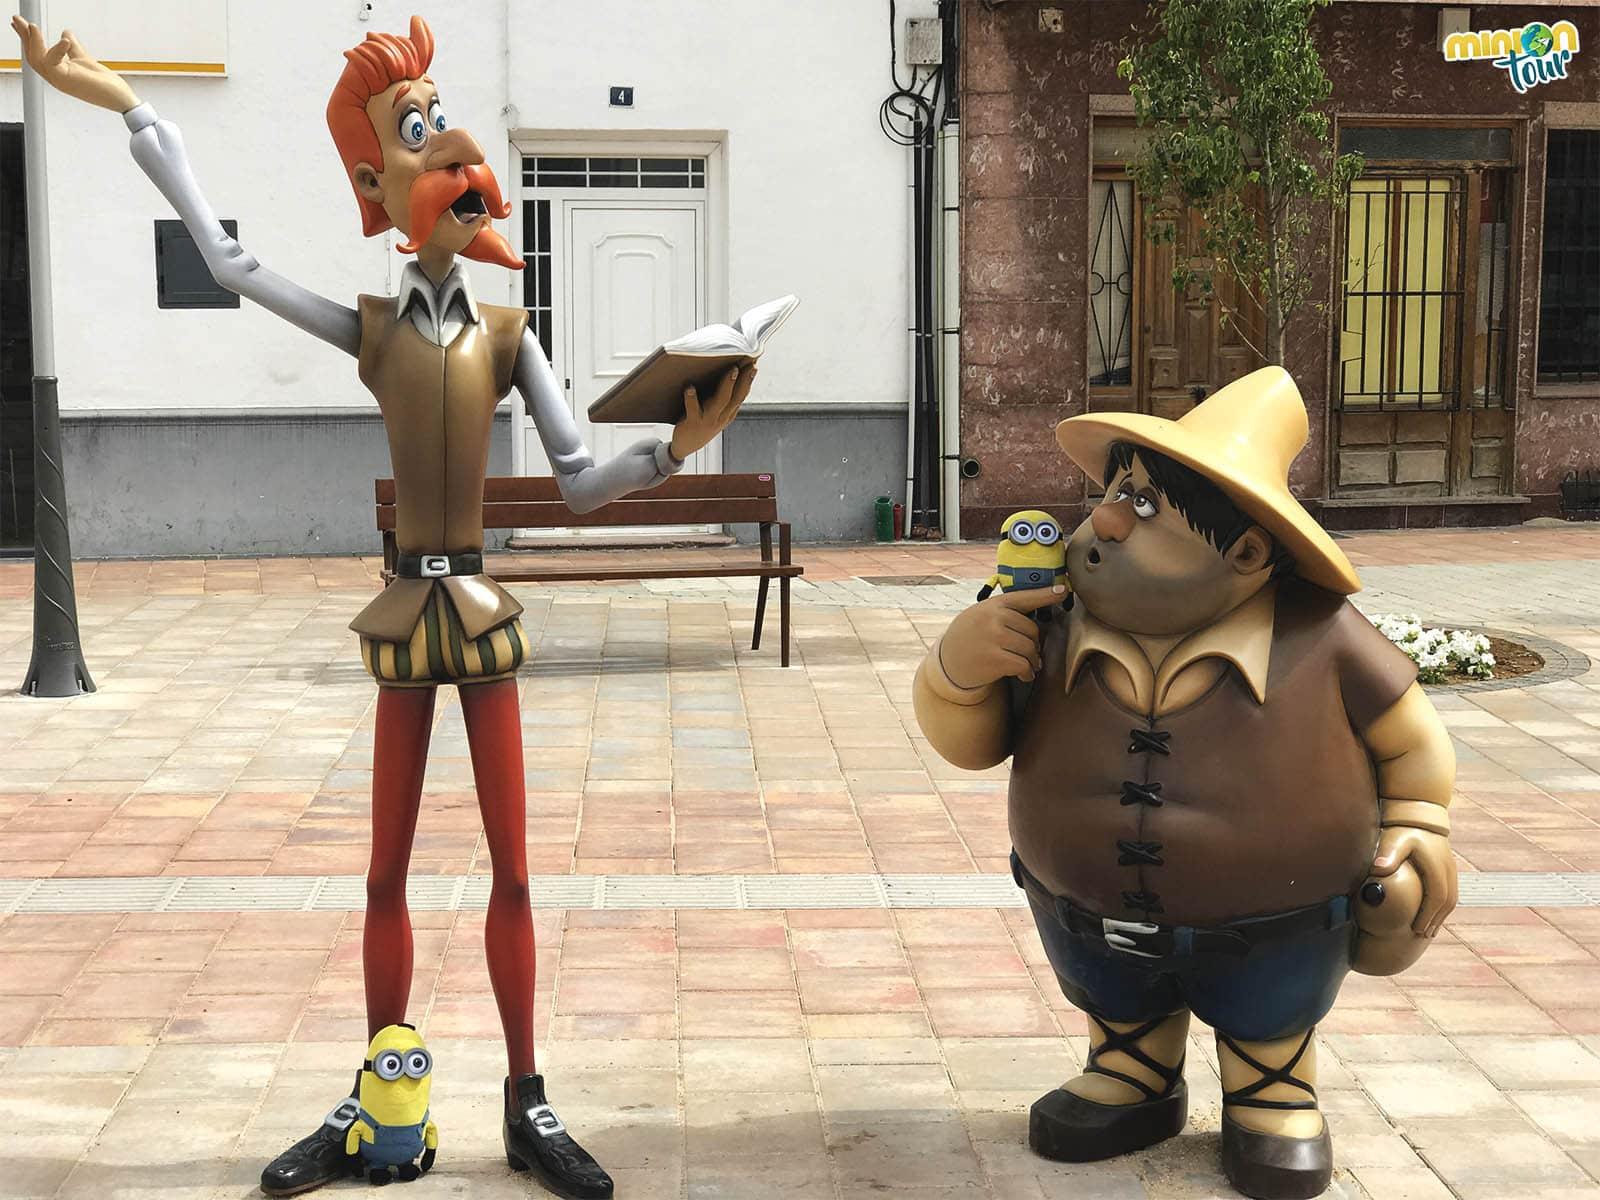 Con nuestros nuevos amigos, don Quijote y Sancho Panza